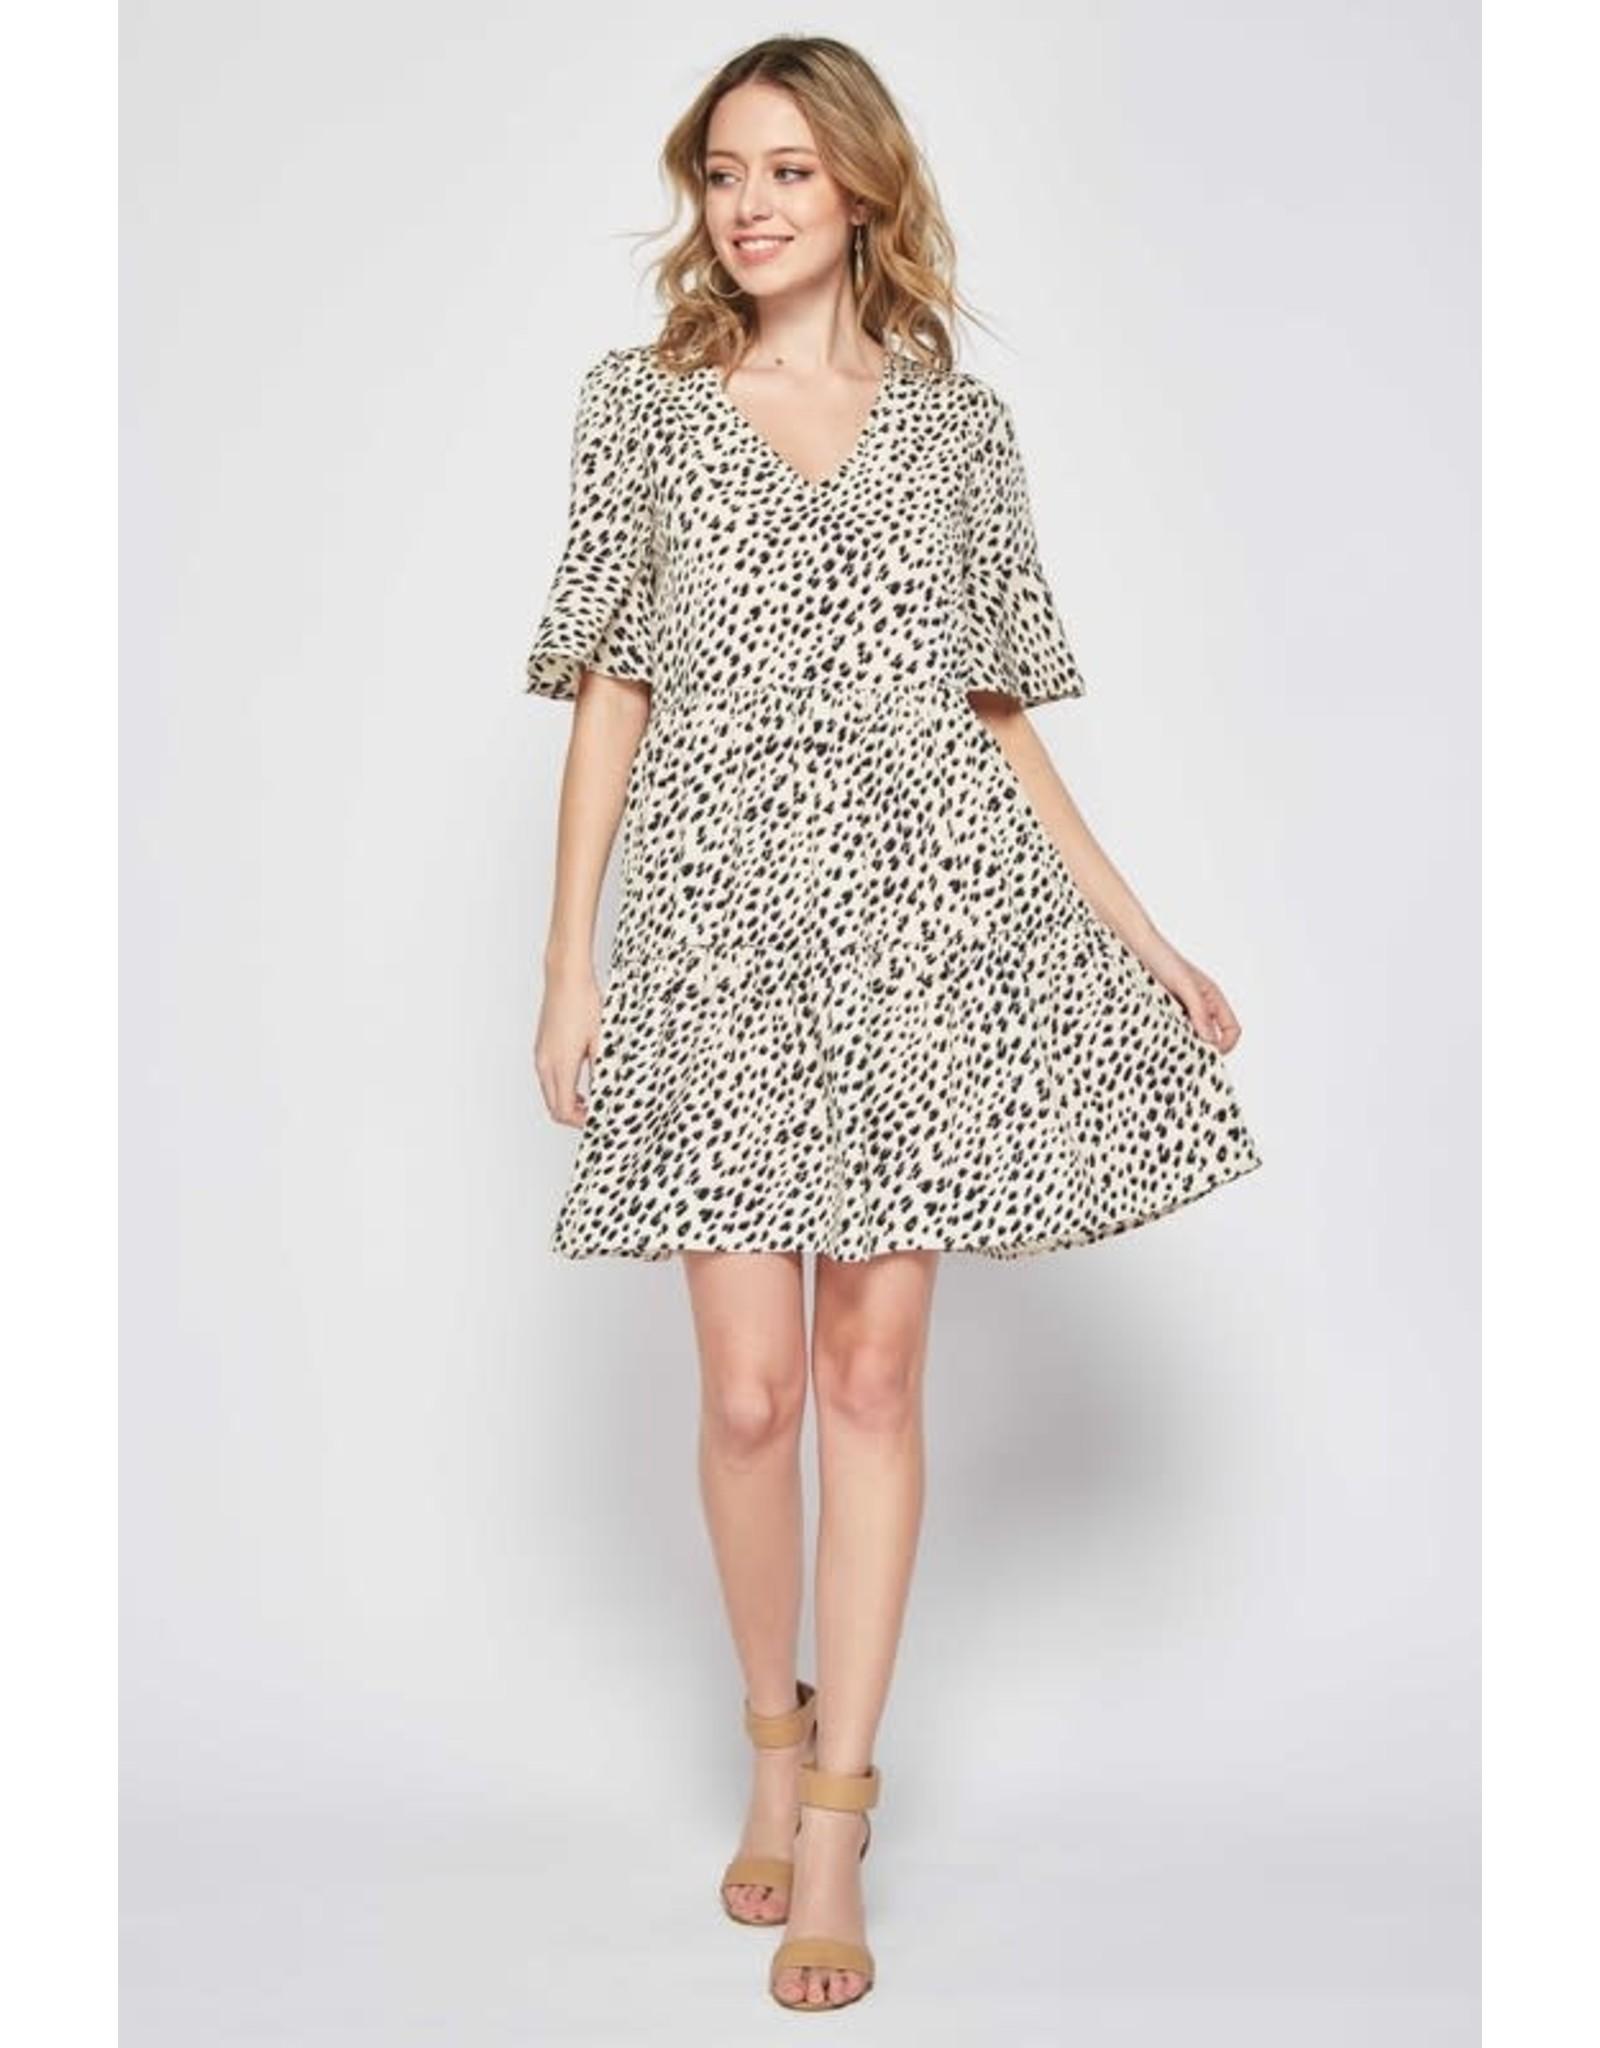 Beeson River ZOEY Leopard Spot Dress